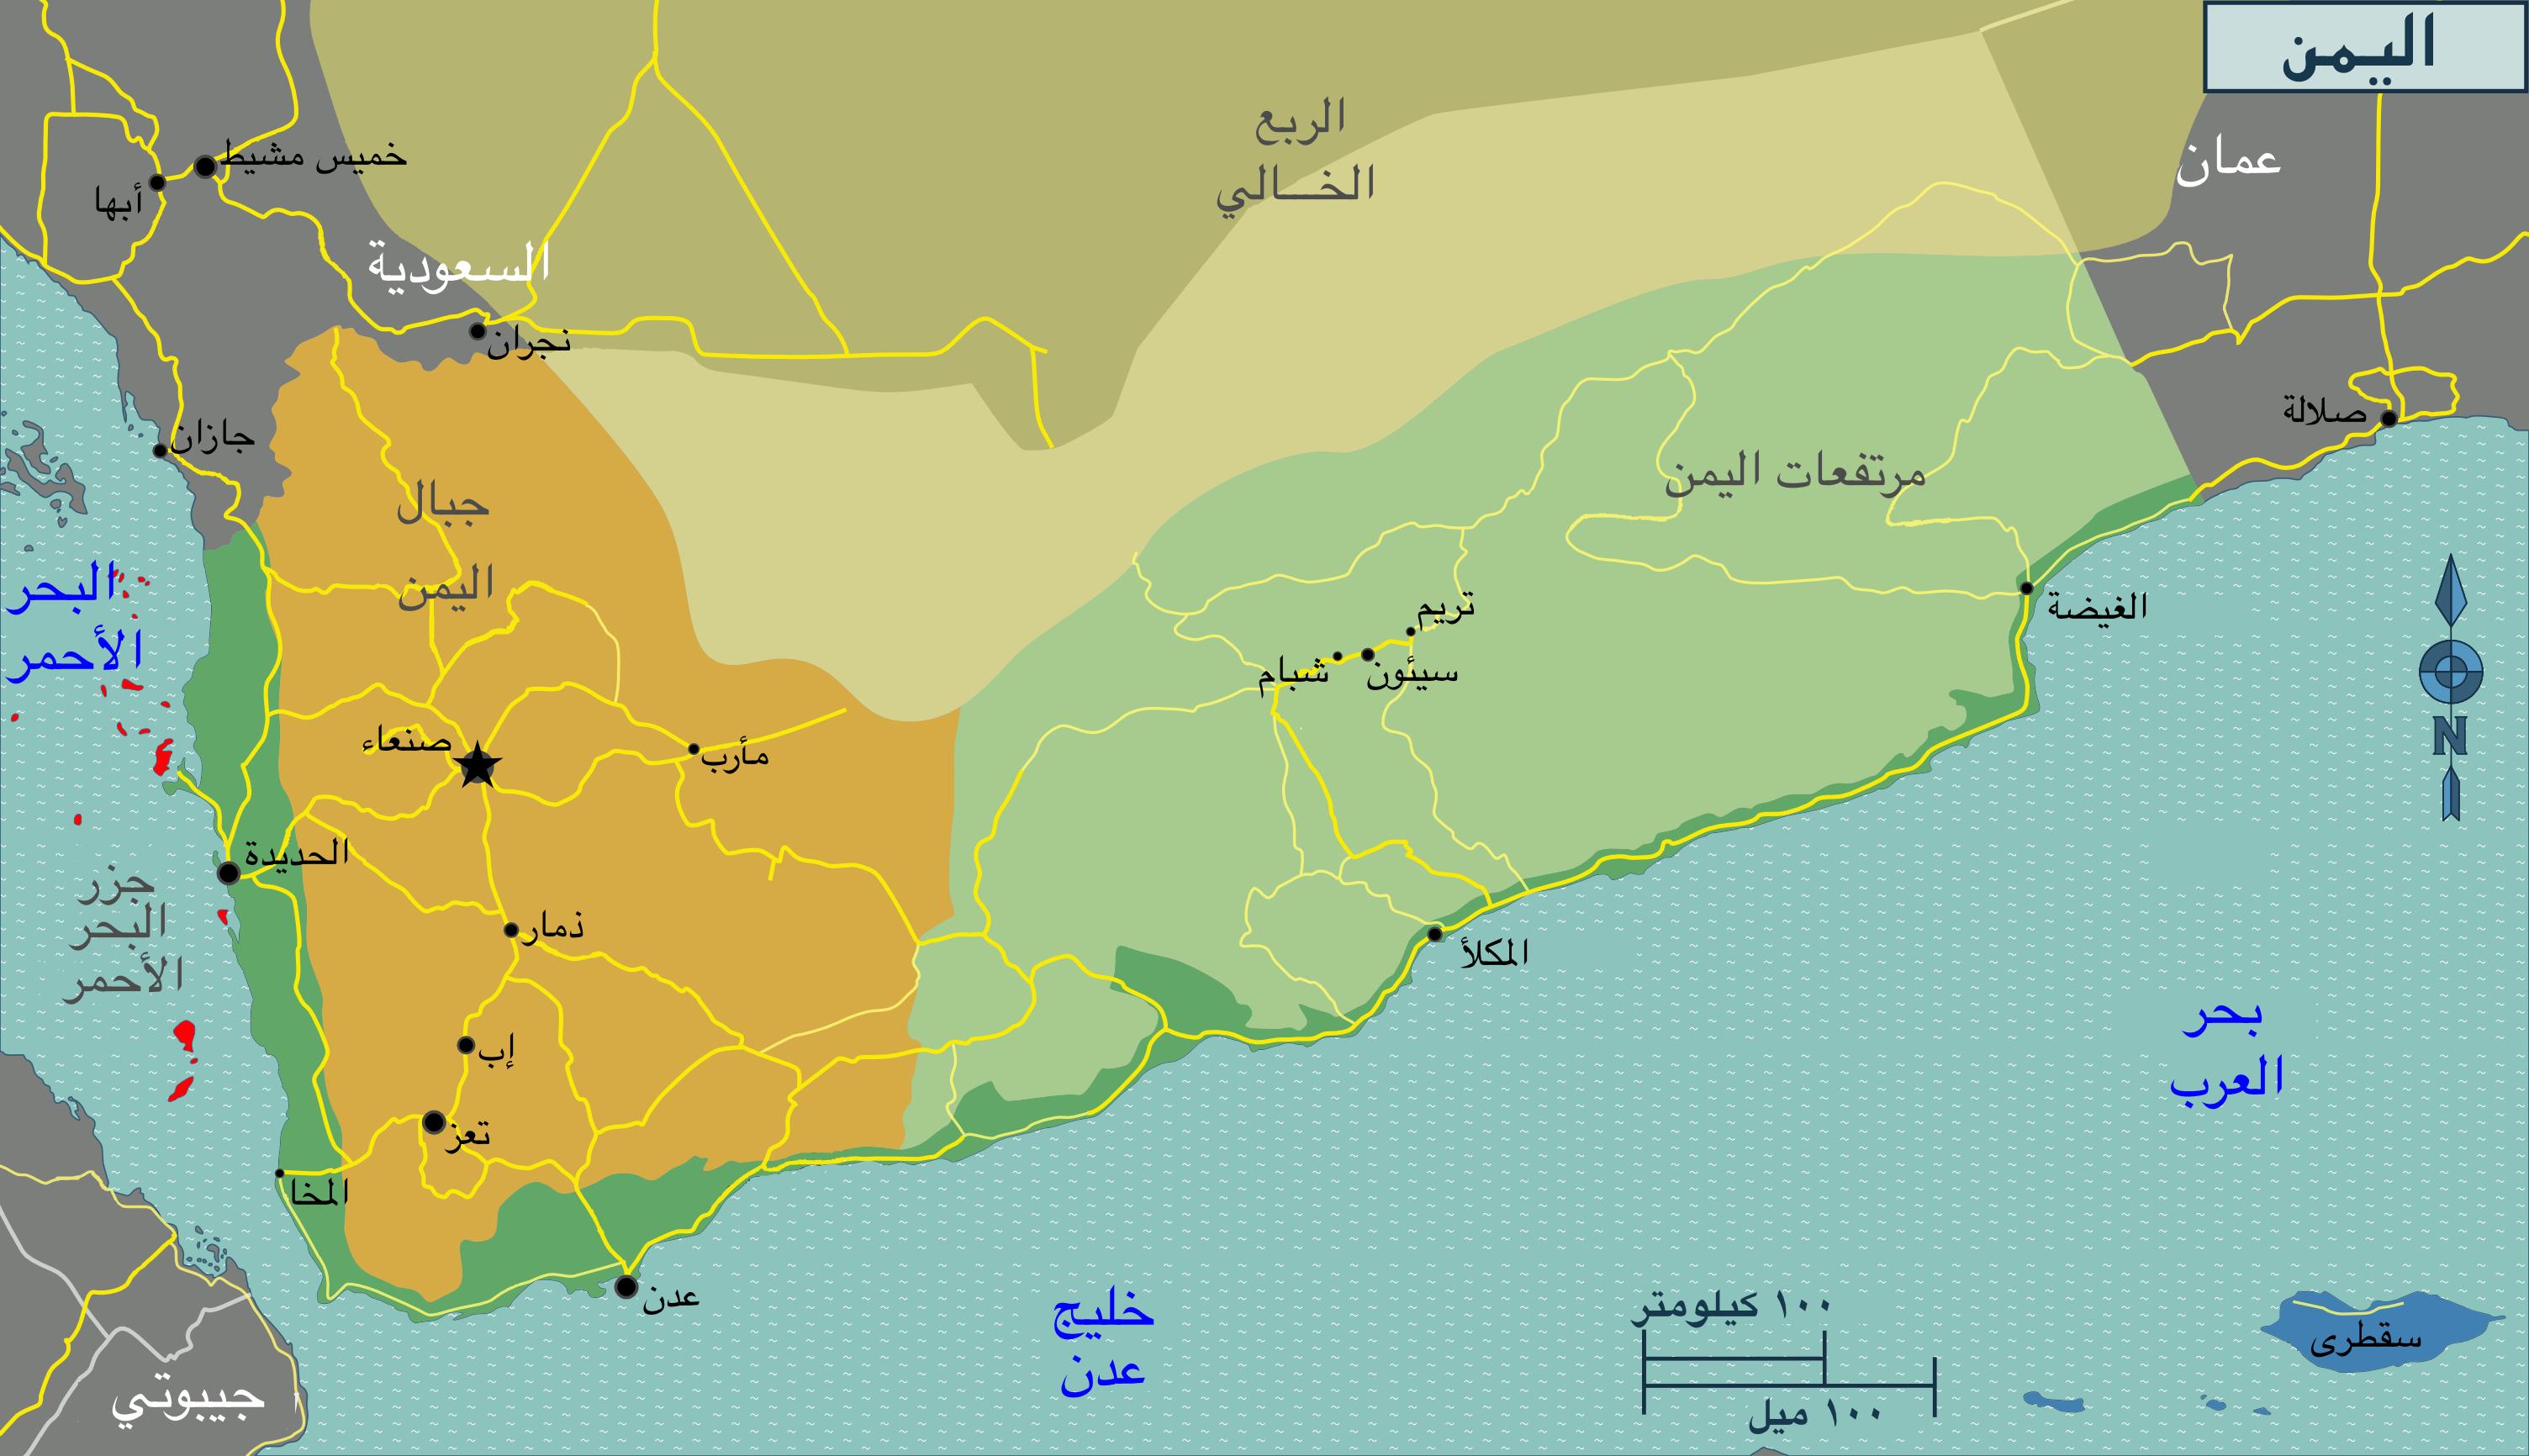 خارطة مناطق اليمن